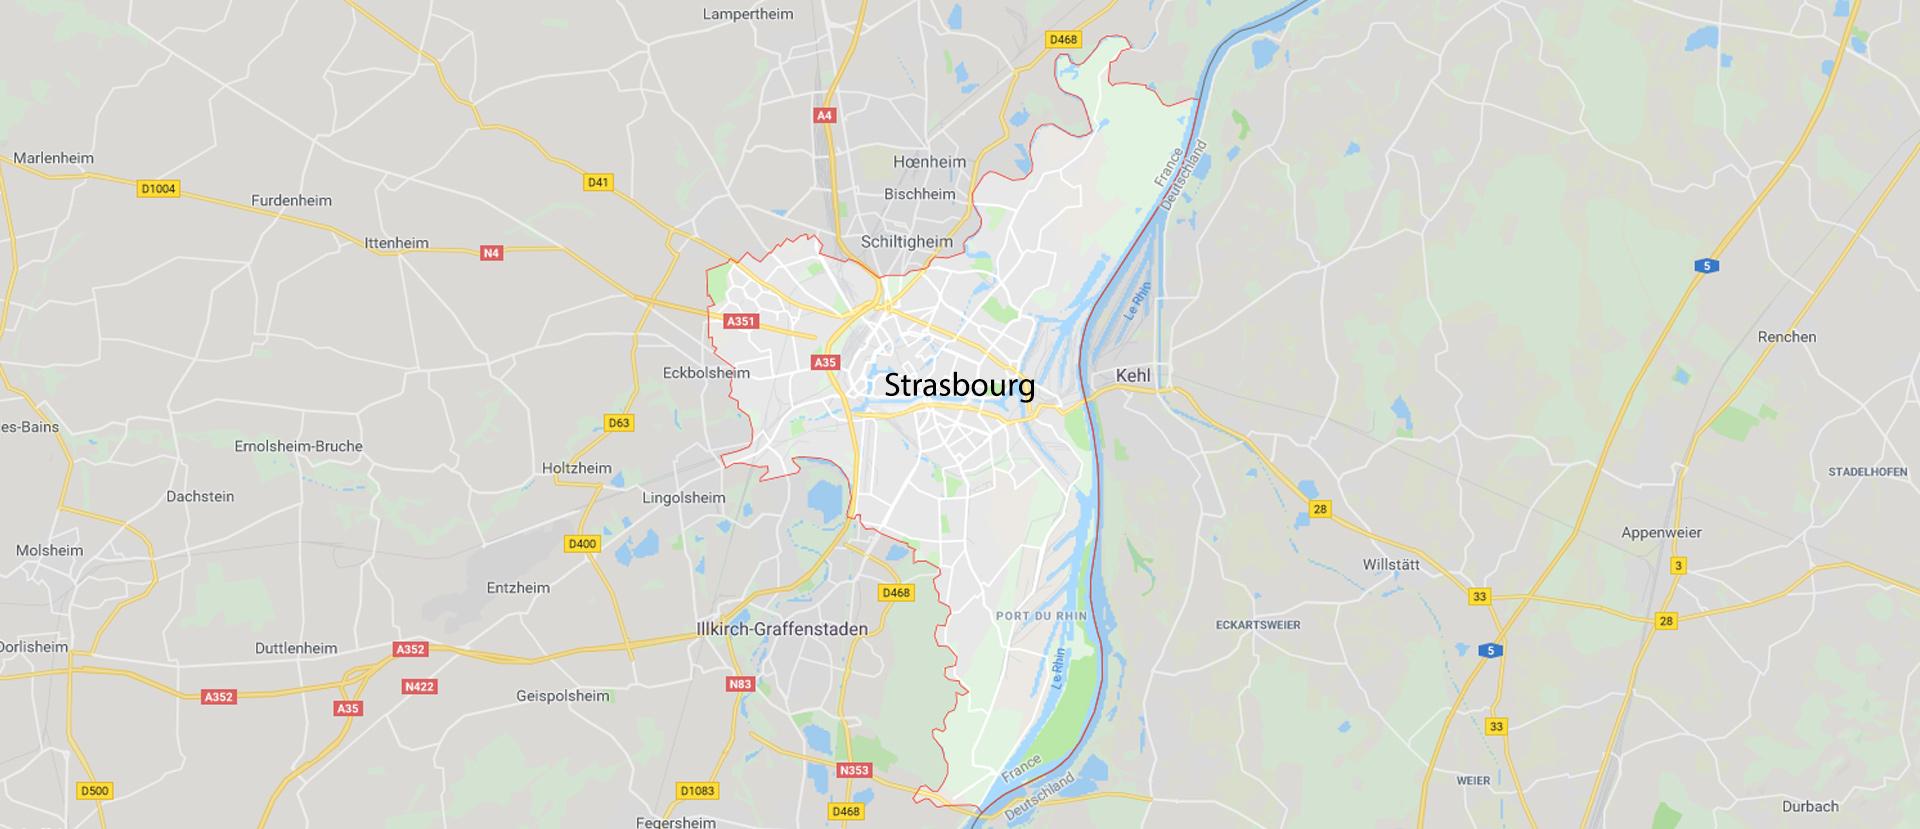 Carrelage Strasbourg : pour vos carreaux sols et murs à Strasbourg